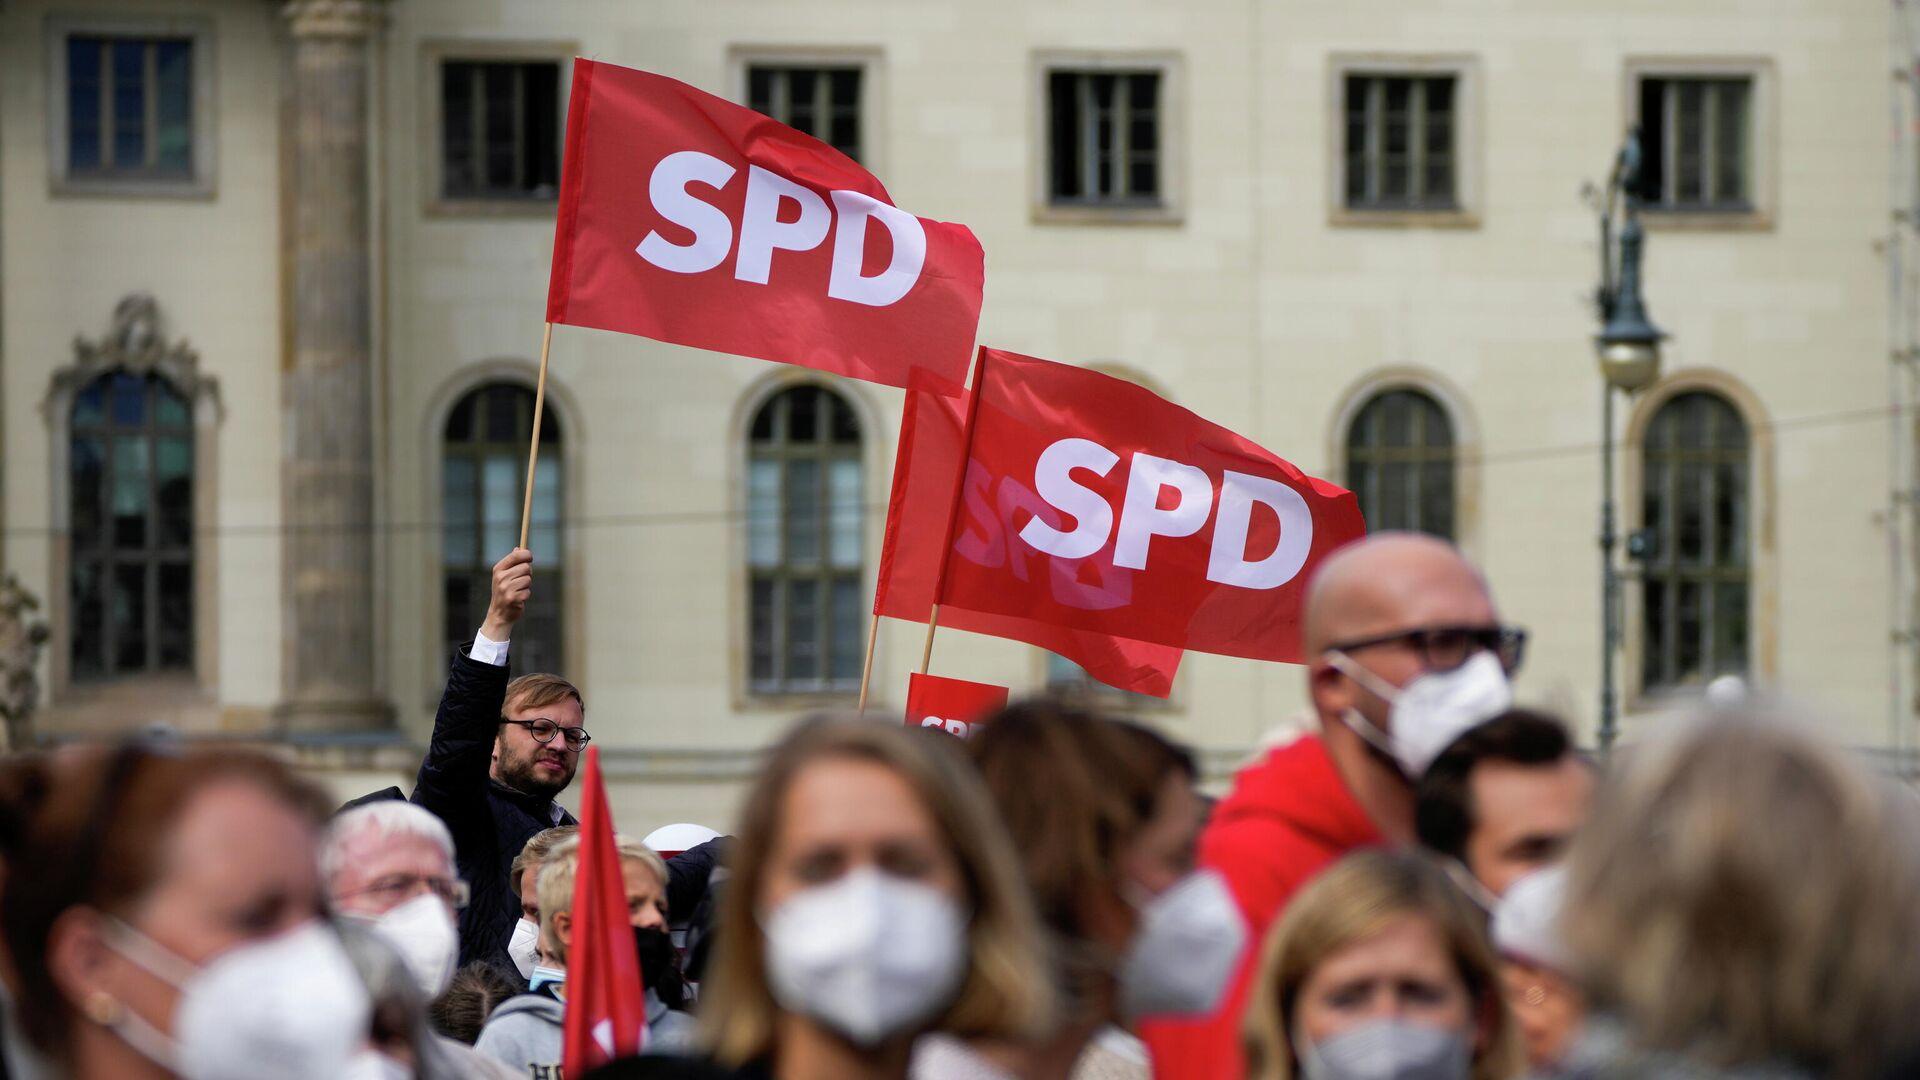 SPD Wahlkampf - SNA, 1920, 25.09.2021